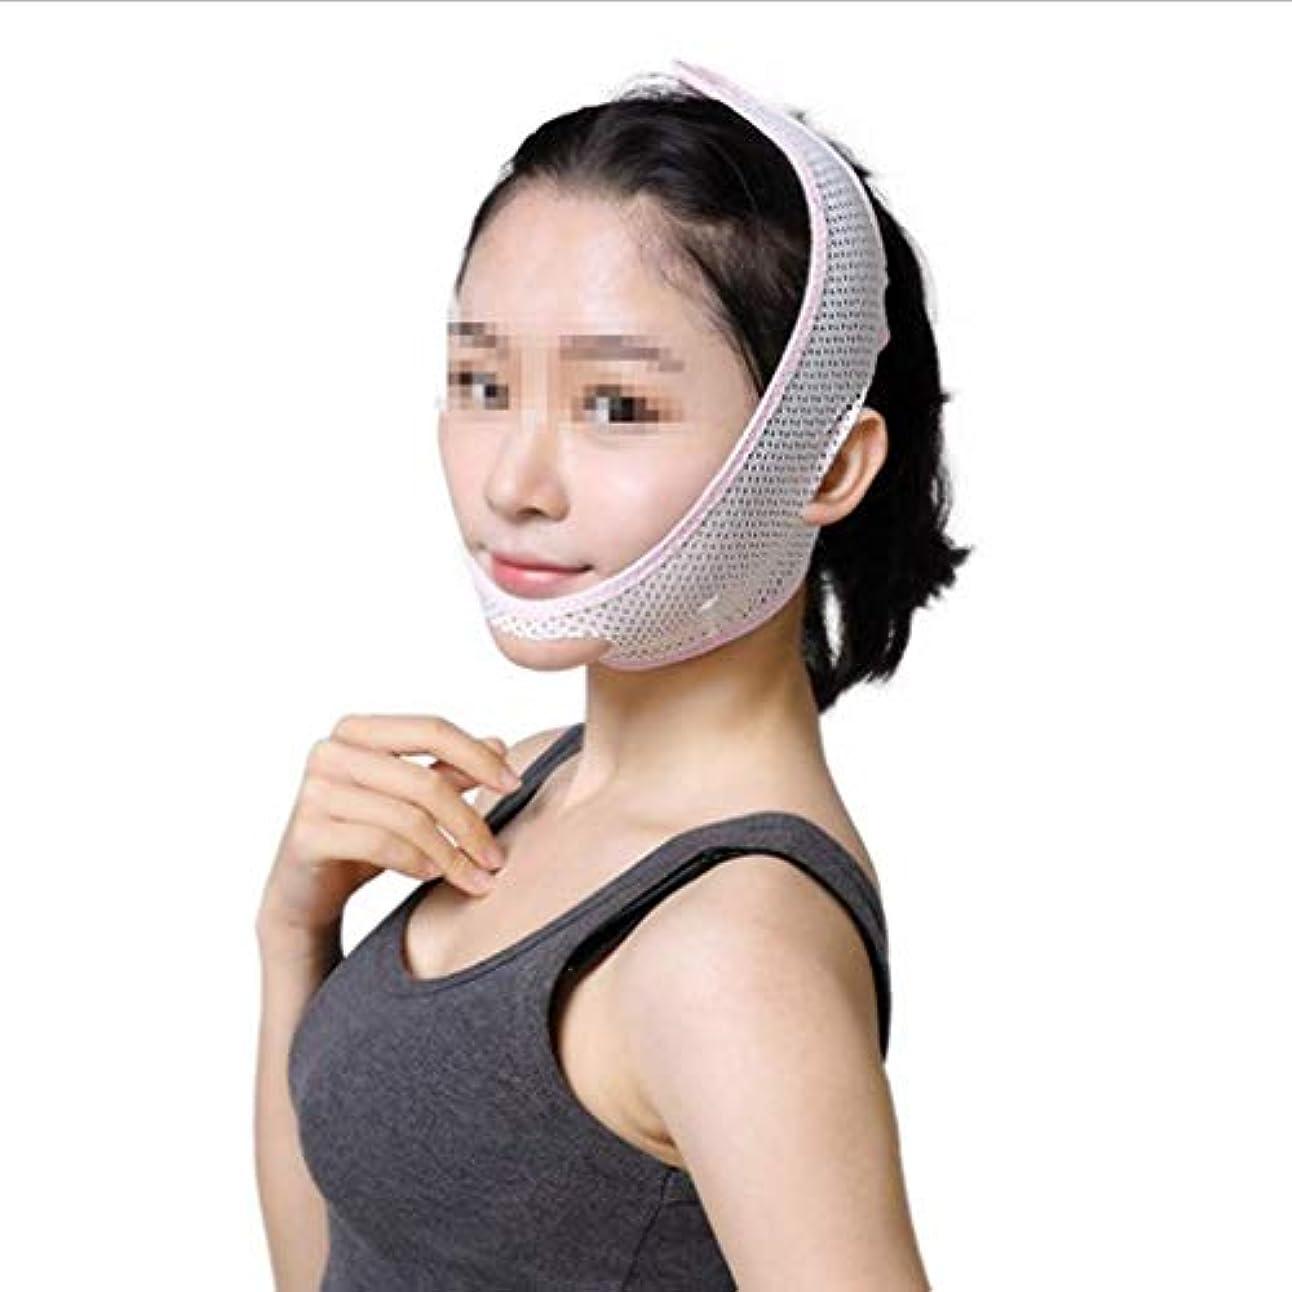 決めますシュガー無秩序超薄型通気性フェイスマスク、包帯Vフェイスマスクフェイスリフティングファーミングダブルチンシンフェイスベルト(サイズ:M),ザ?